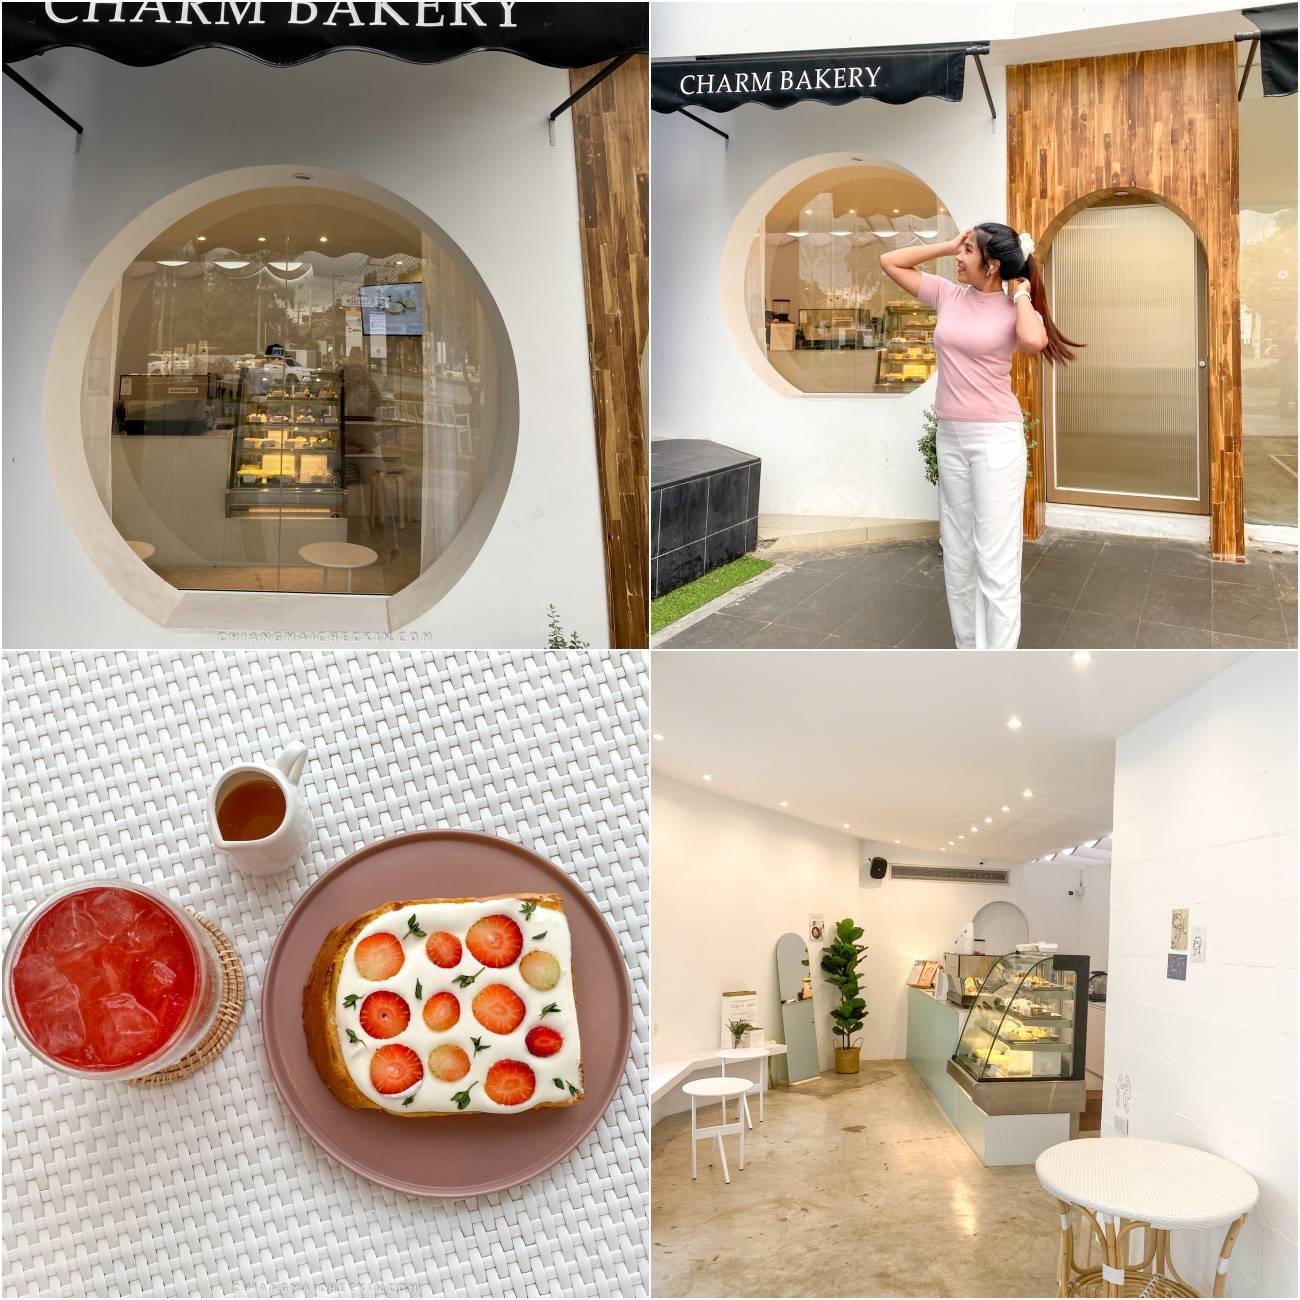 CHARM BAKERY HK คาเฟ่เก๋ๆมีโซนที่เรียกว่า Baking Studio ให้คนรักการทำขนมไปรับประสบการณ์การทำขนมเองอีกด้วยพลาดไม่ได้แล้วว